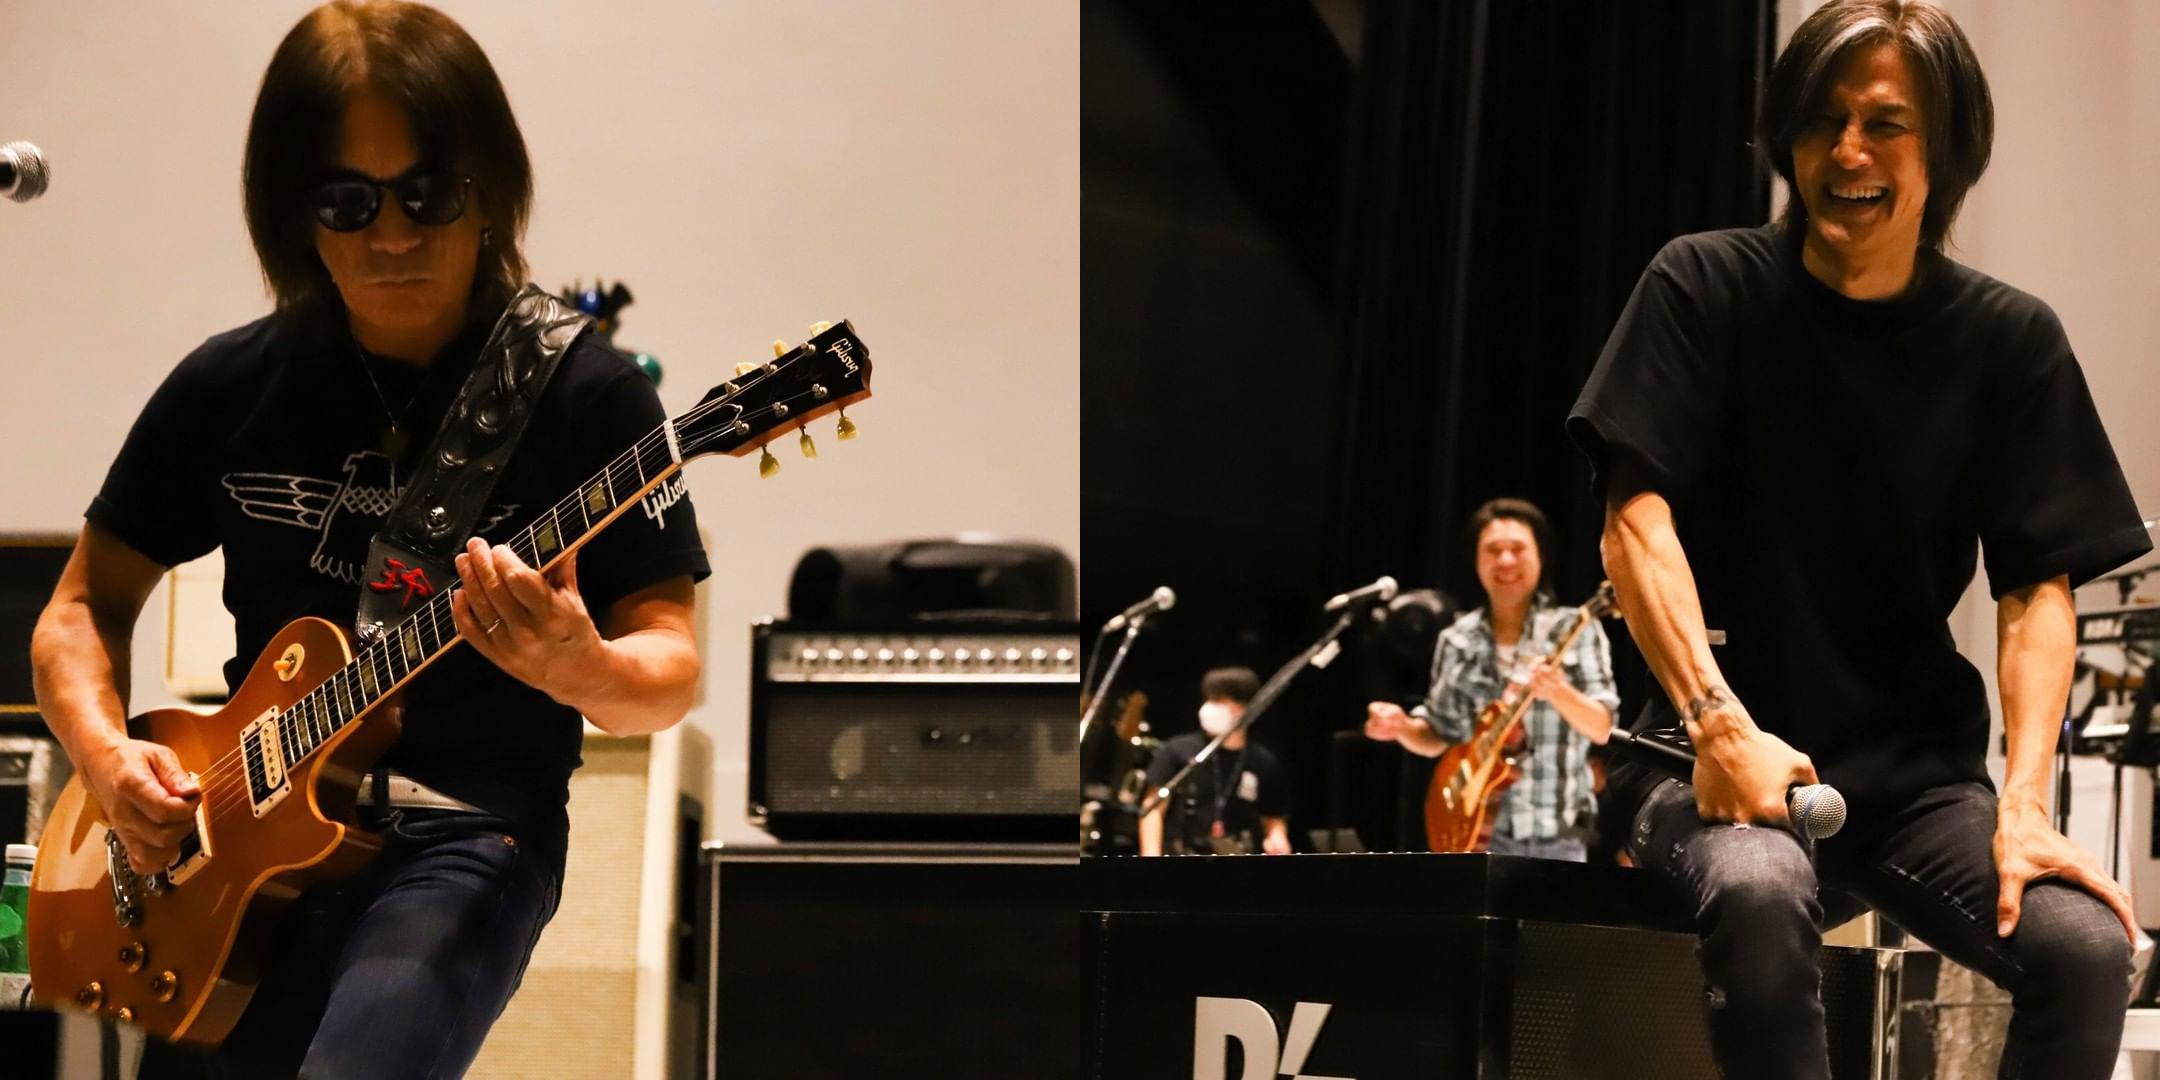 無観客配信ライブ『B'z SHOWCASE 2020 -5 ERAS 8820- Day1~5』のリハーサルに臨む松本孝弘(Gt.)と稲葉浩志(Vo.)の写真